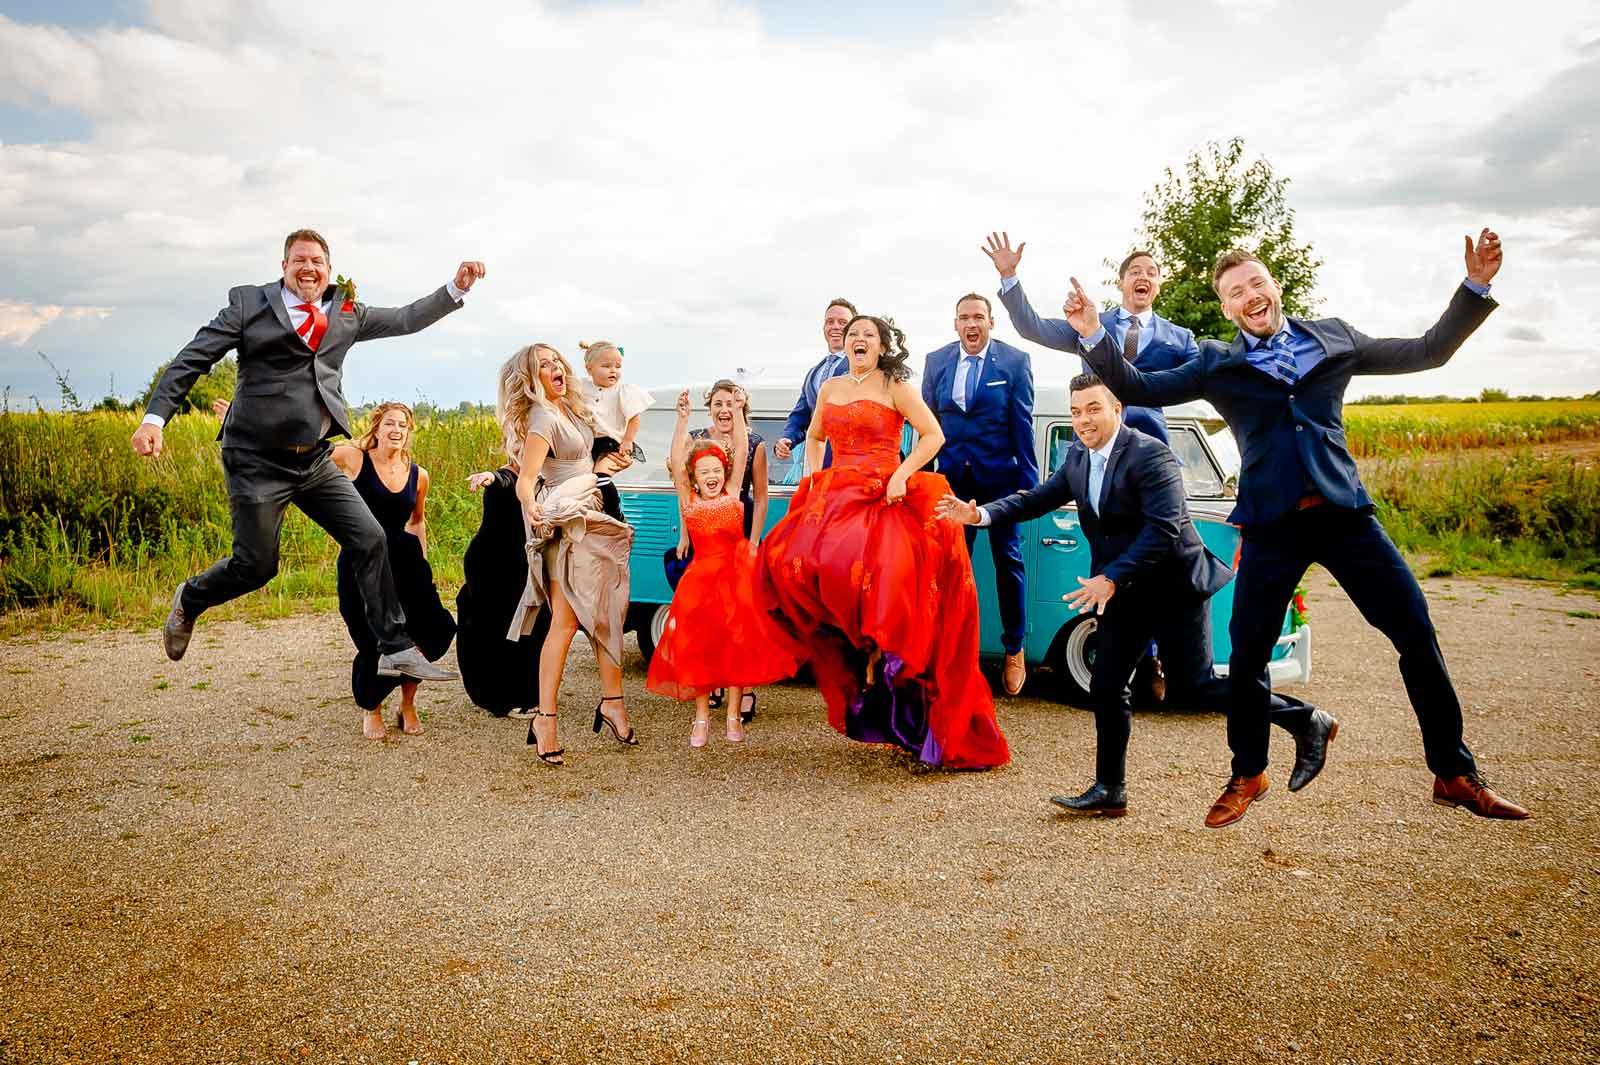 Bruidspaar springt samen met alle vrienden in de lucht